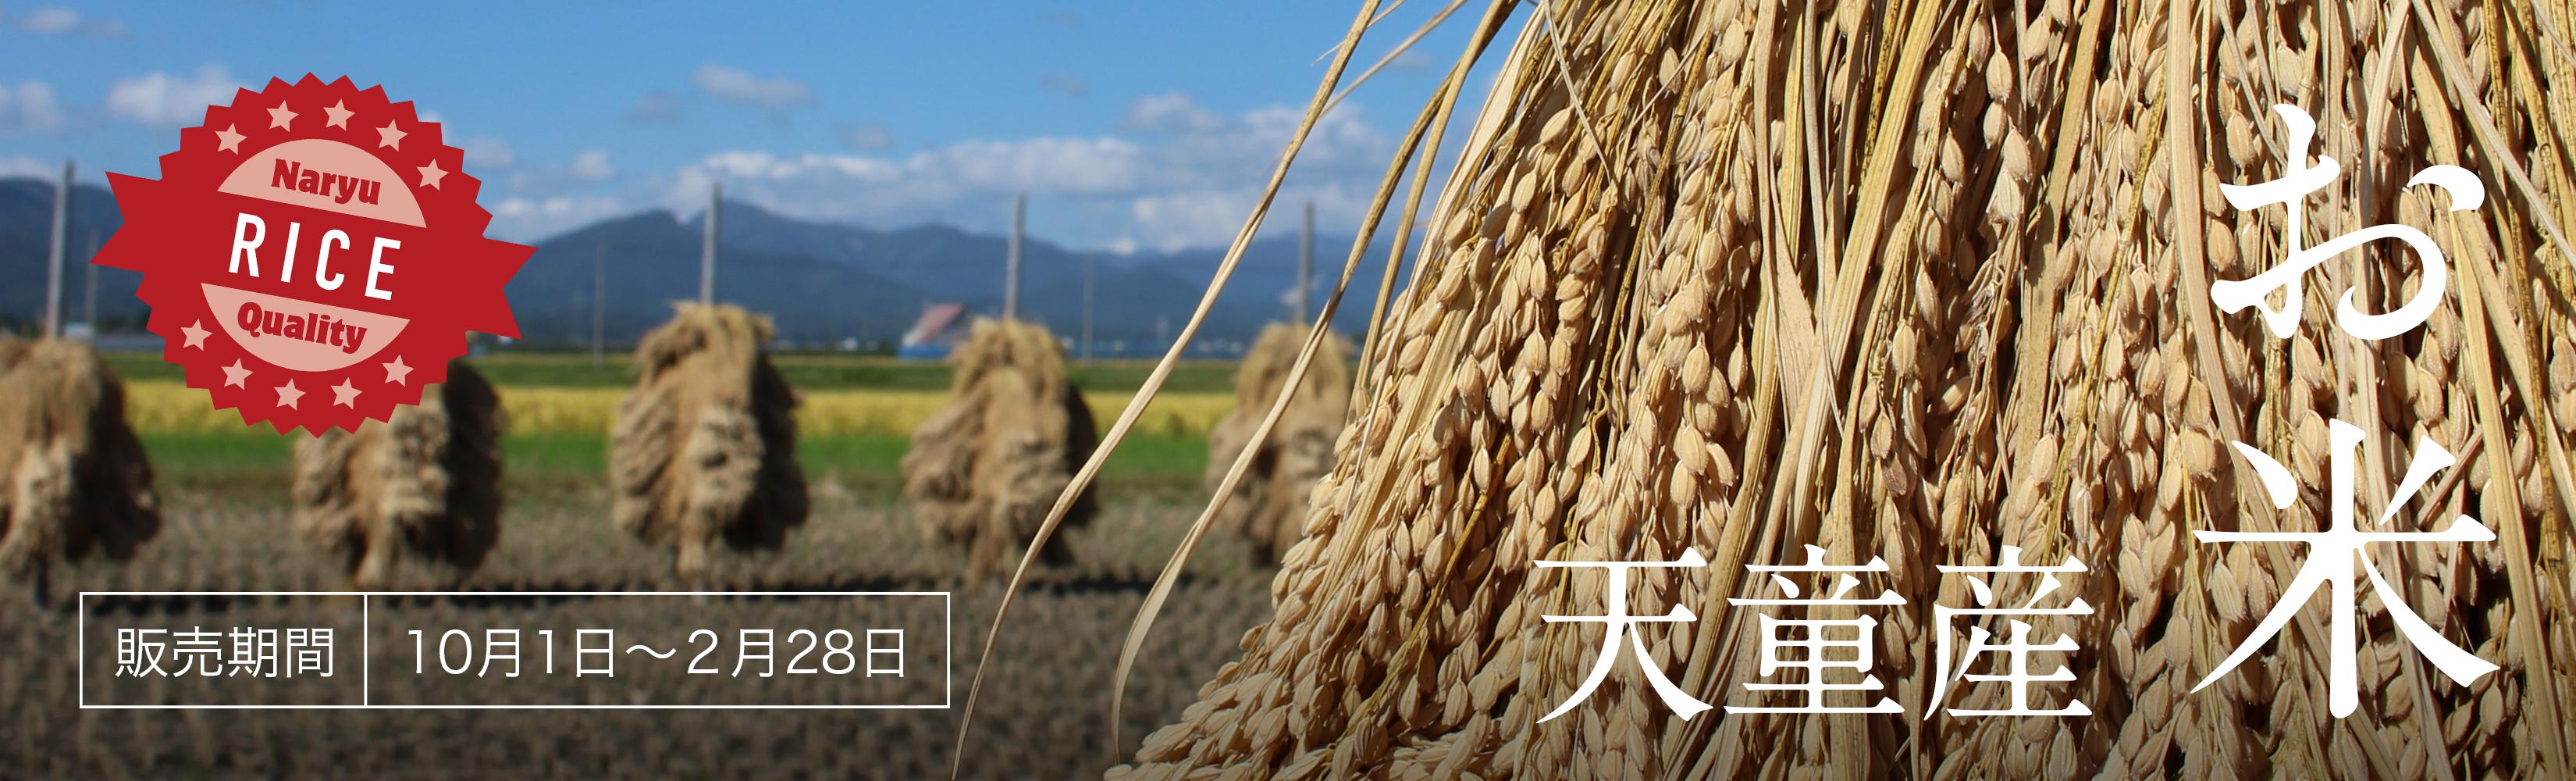 成生のお米「天童米 」